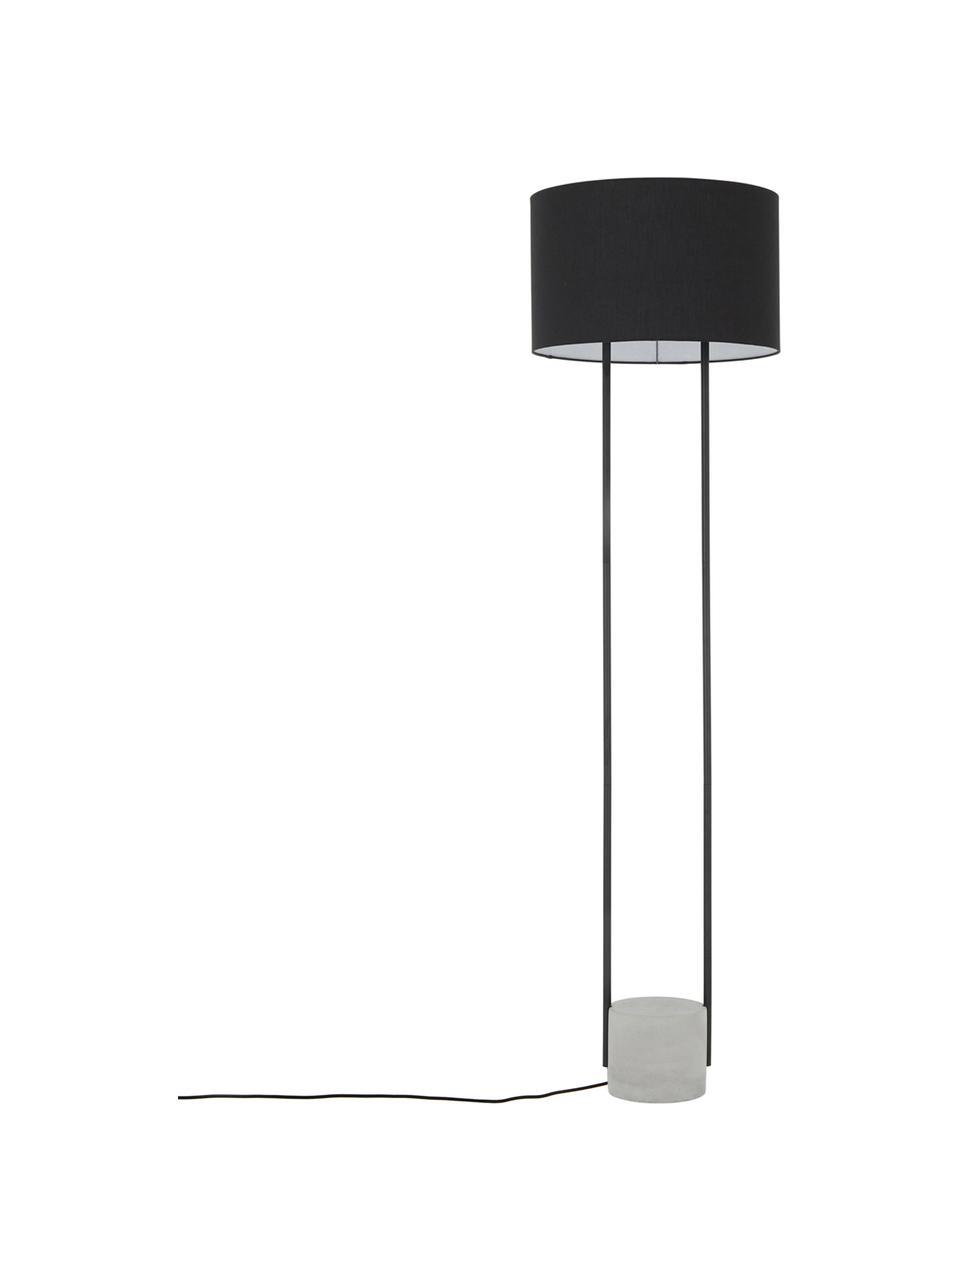 Stehlampe Pipero mit Betonfuß, Lampenschirm: Textil, Lampenfuß: Beton, Gestell: Metall, pulverbeschichtet, Lampenschirm:SchwarzLampenfuß:Schwarz, matt, GrauKabel: Schwarz, Ø 45 x H 161 cm